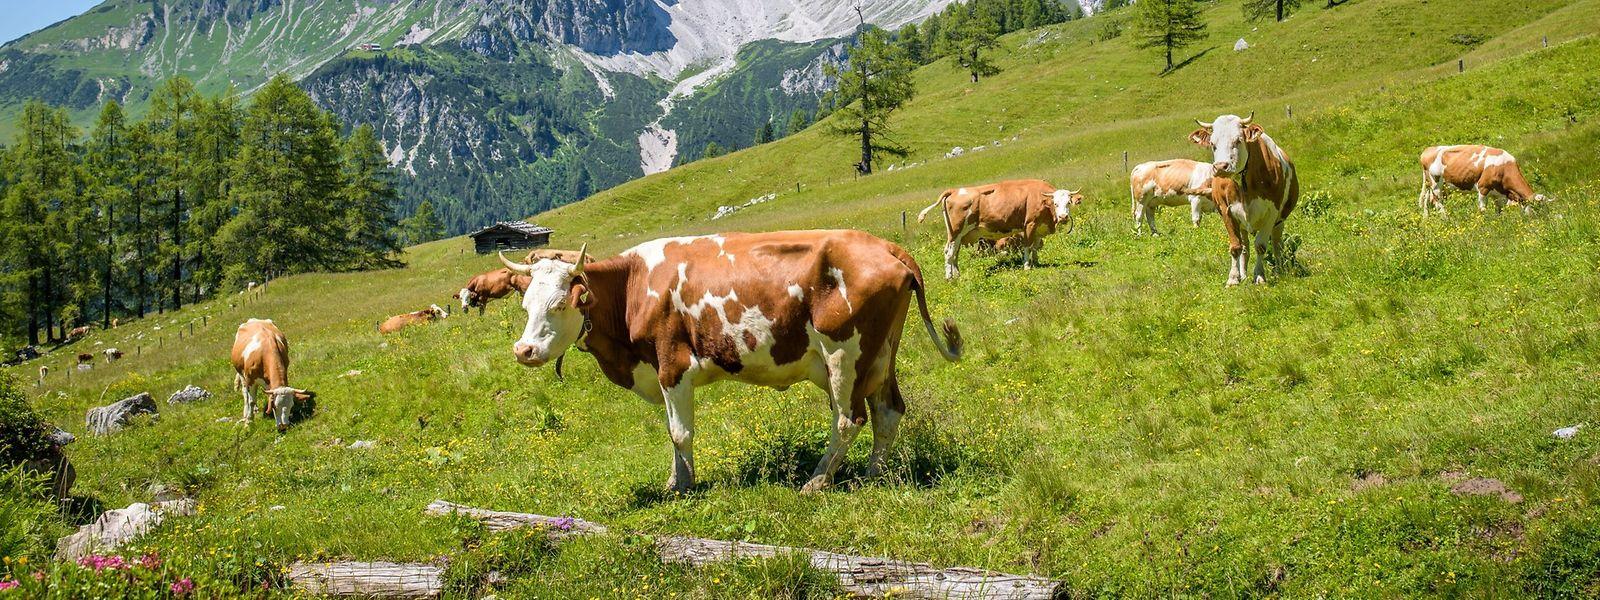 Eigentlich sind Kühe friedliche Tiere - werden sie erschreckt, können sie aber auf der Flucht sich und andere verletzen.